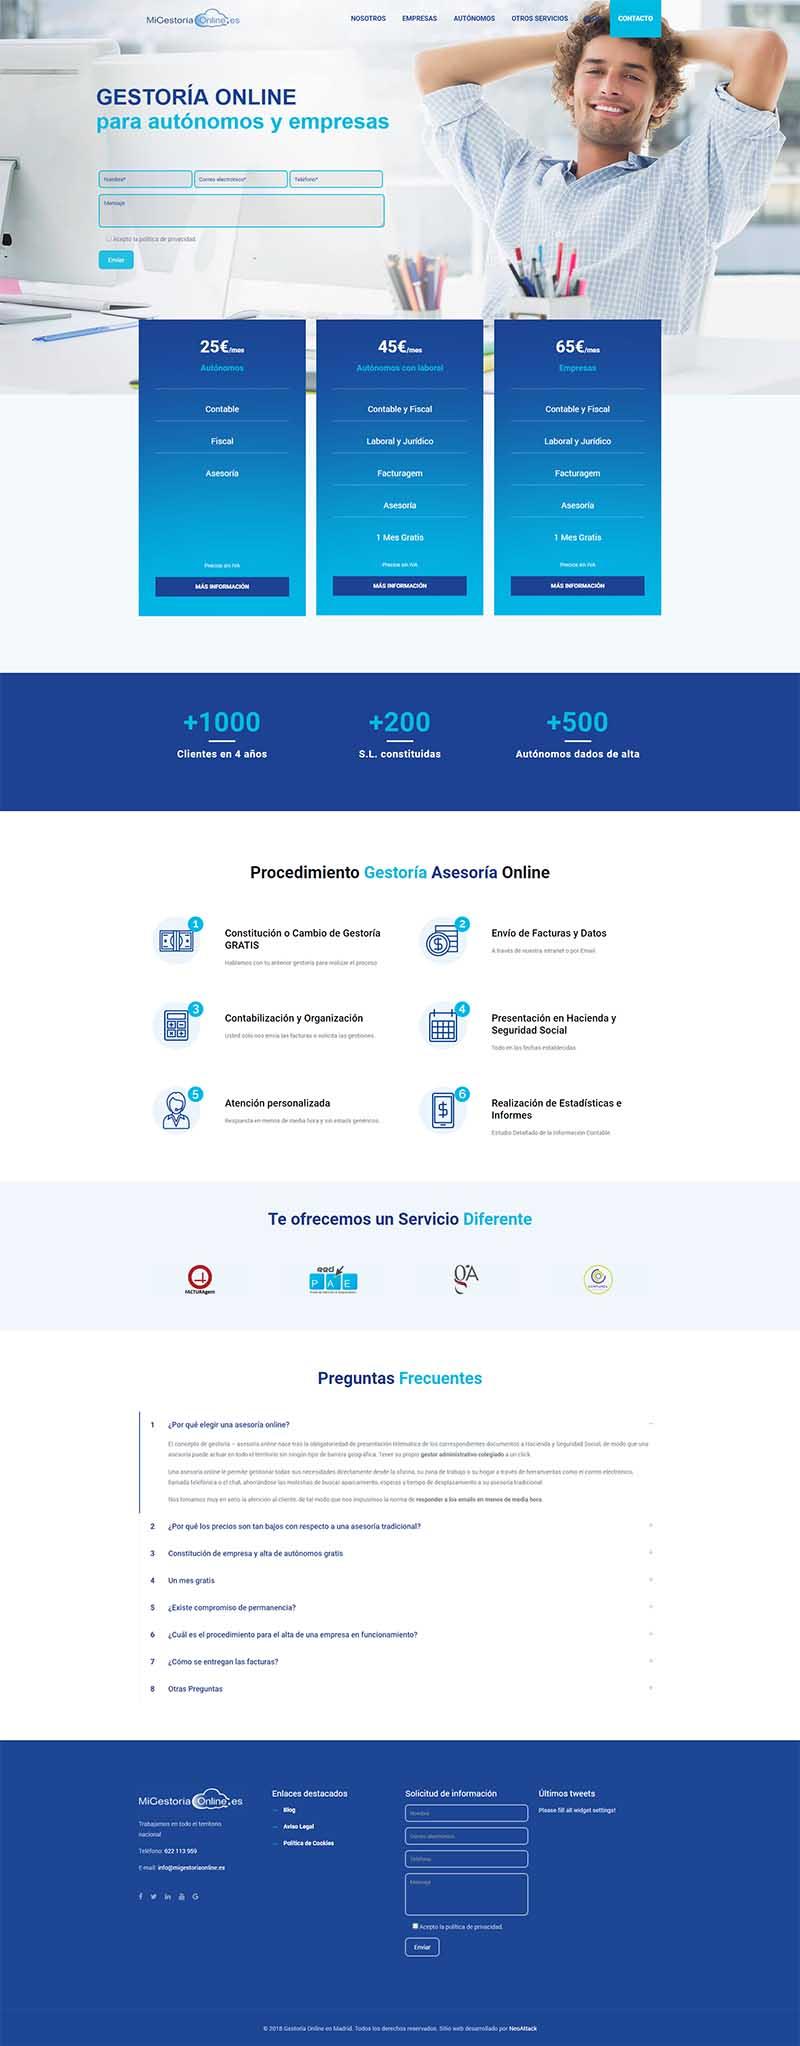 Proyecto Mi gestoria online